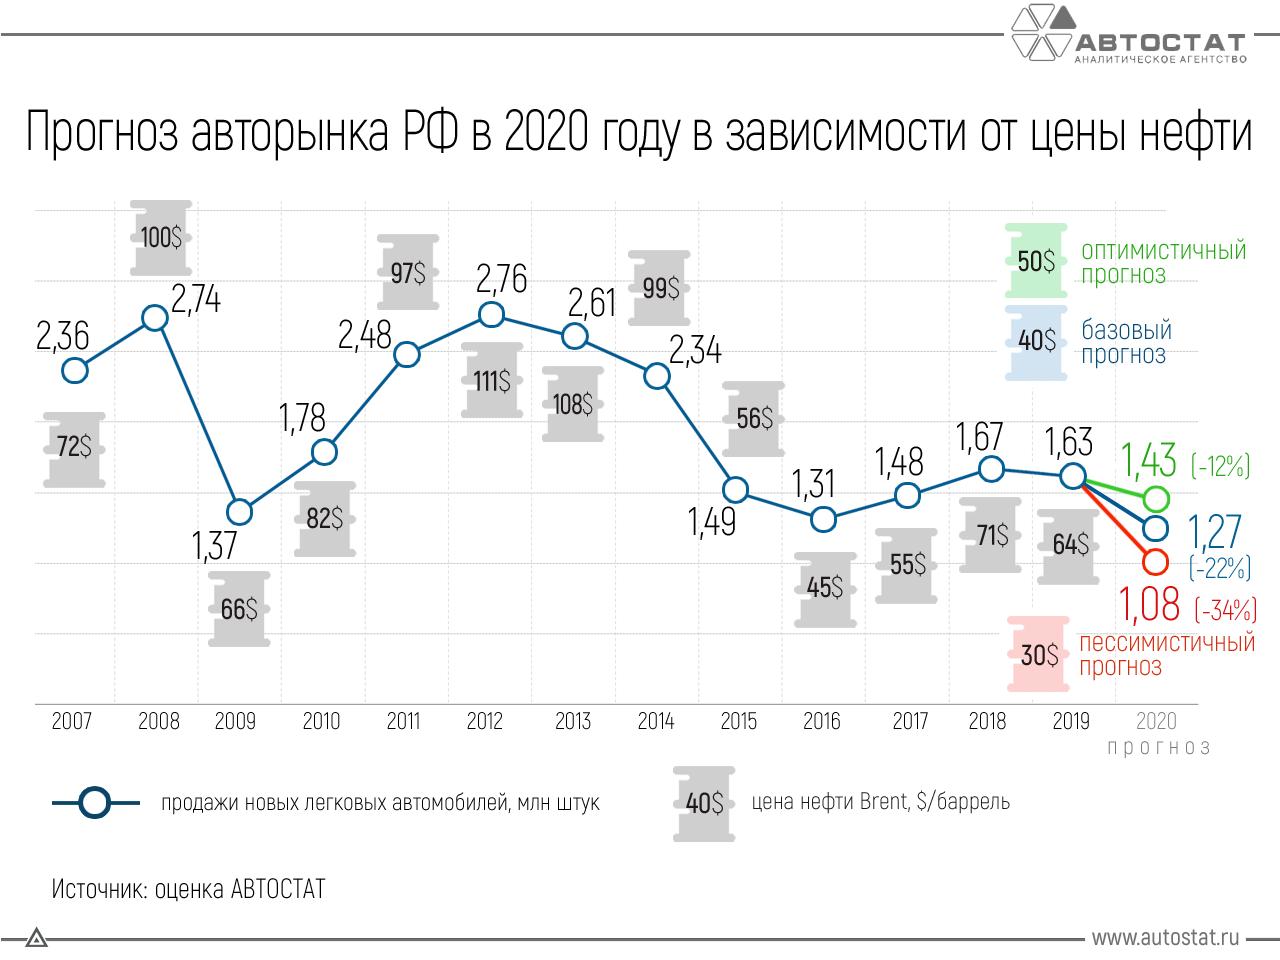 Как сильно может упасть российский авторынок в 2020 году?